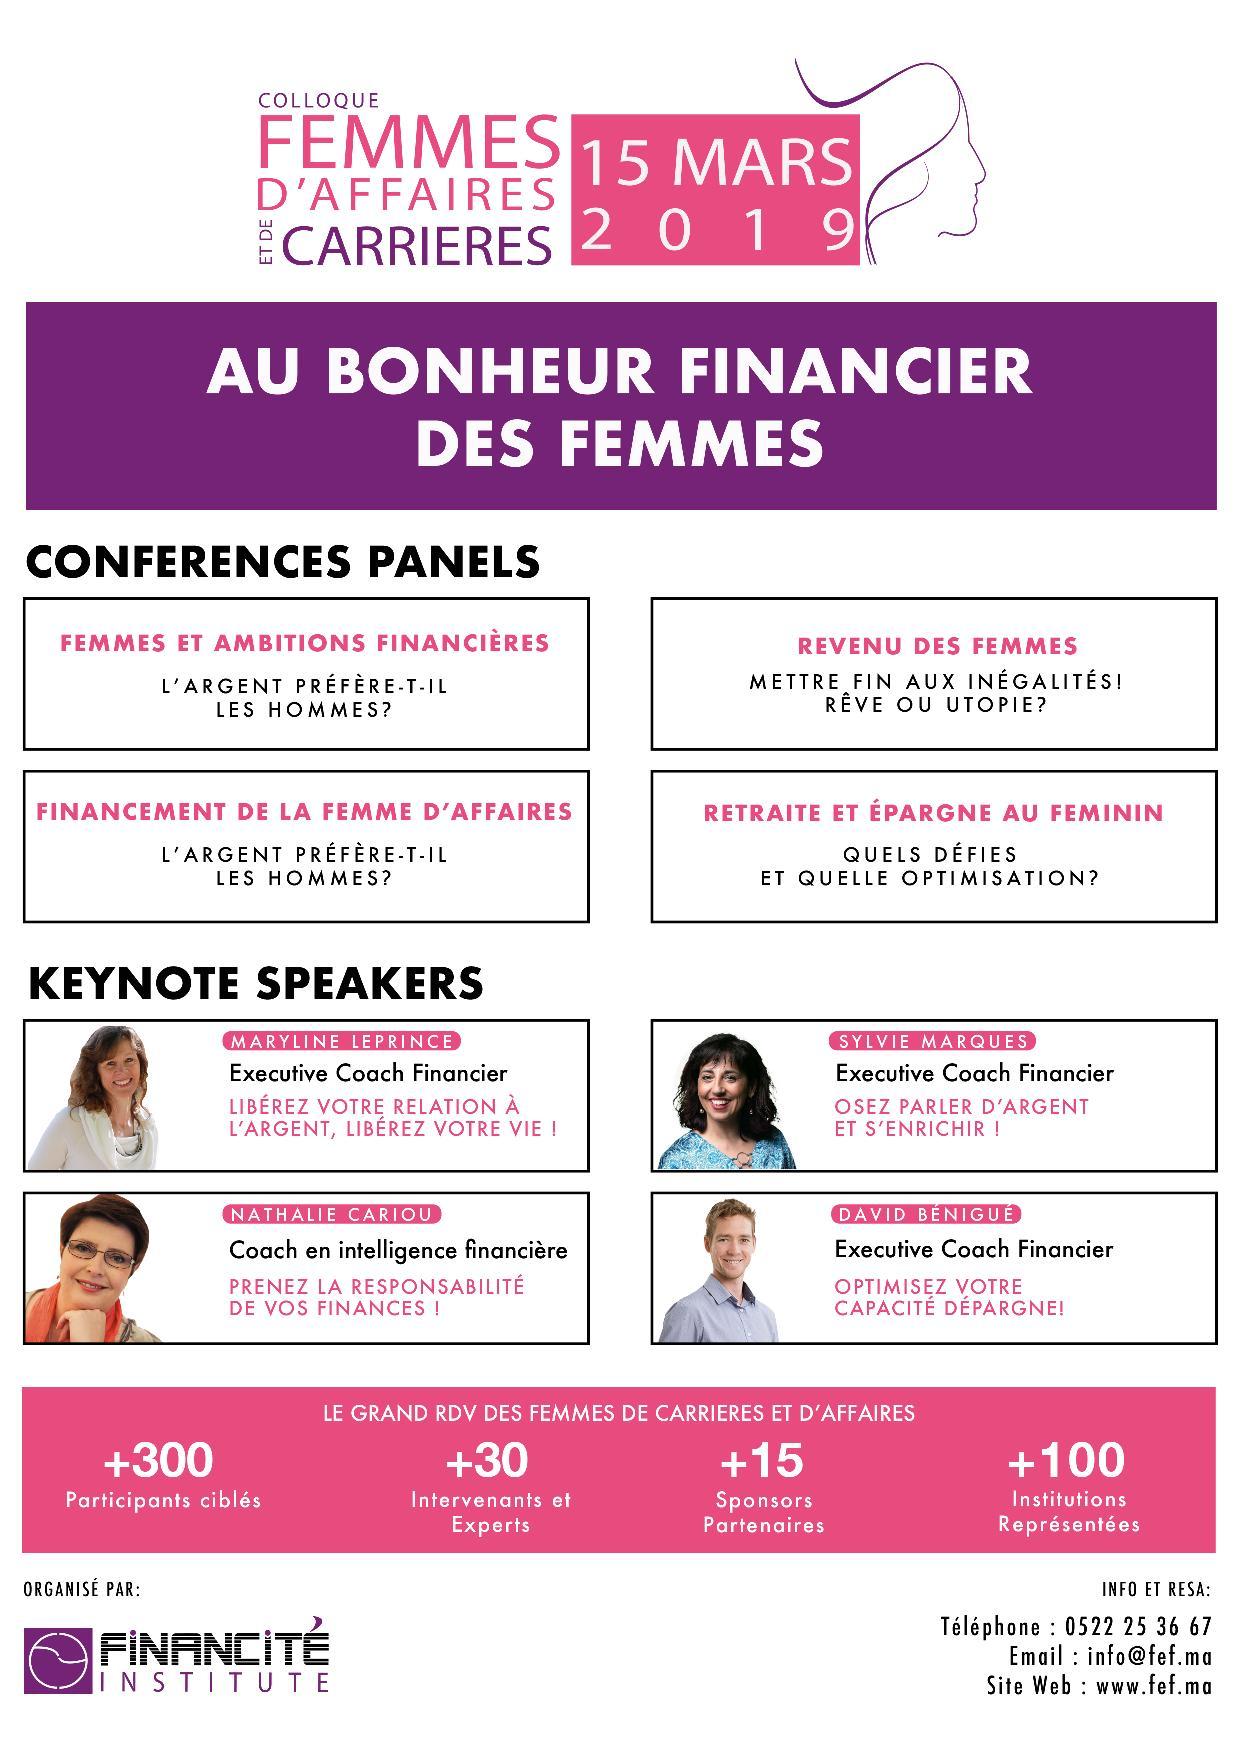 Colloque Femmes D'affaires et de Carrières le 15 mars 2019